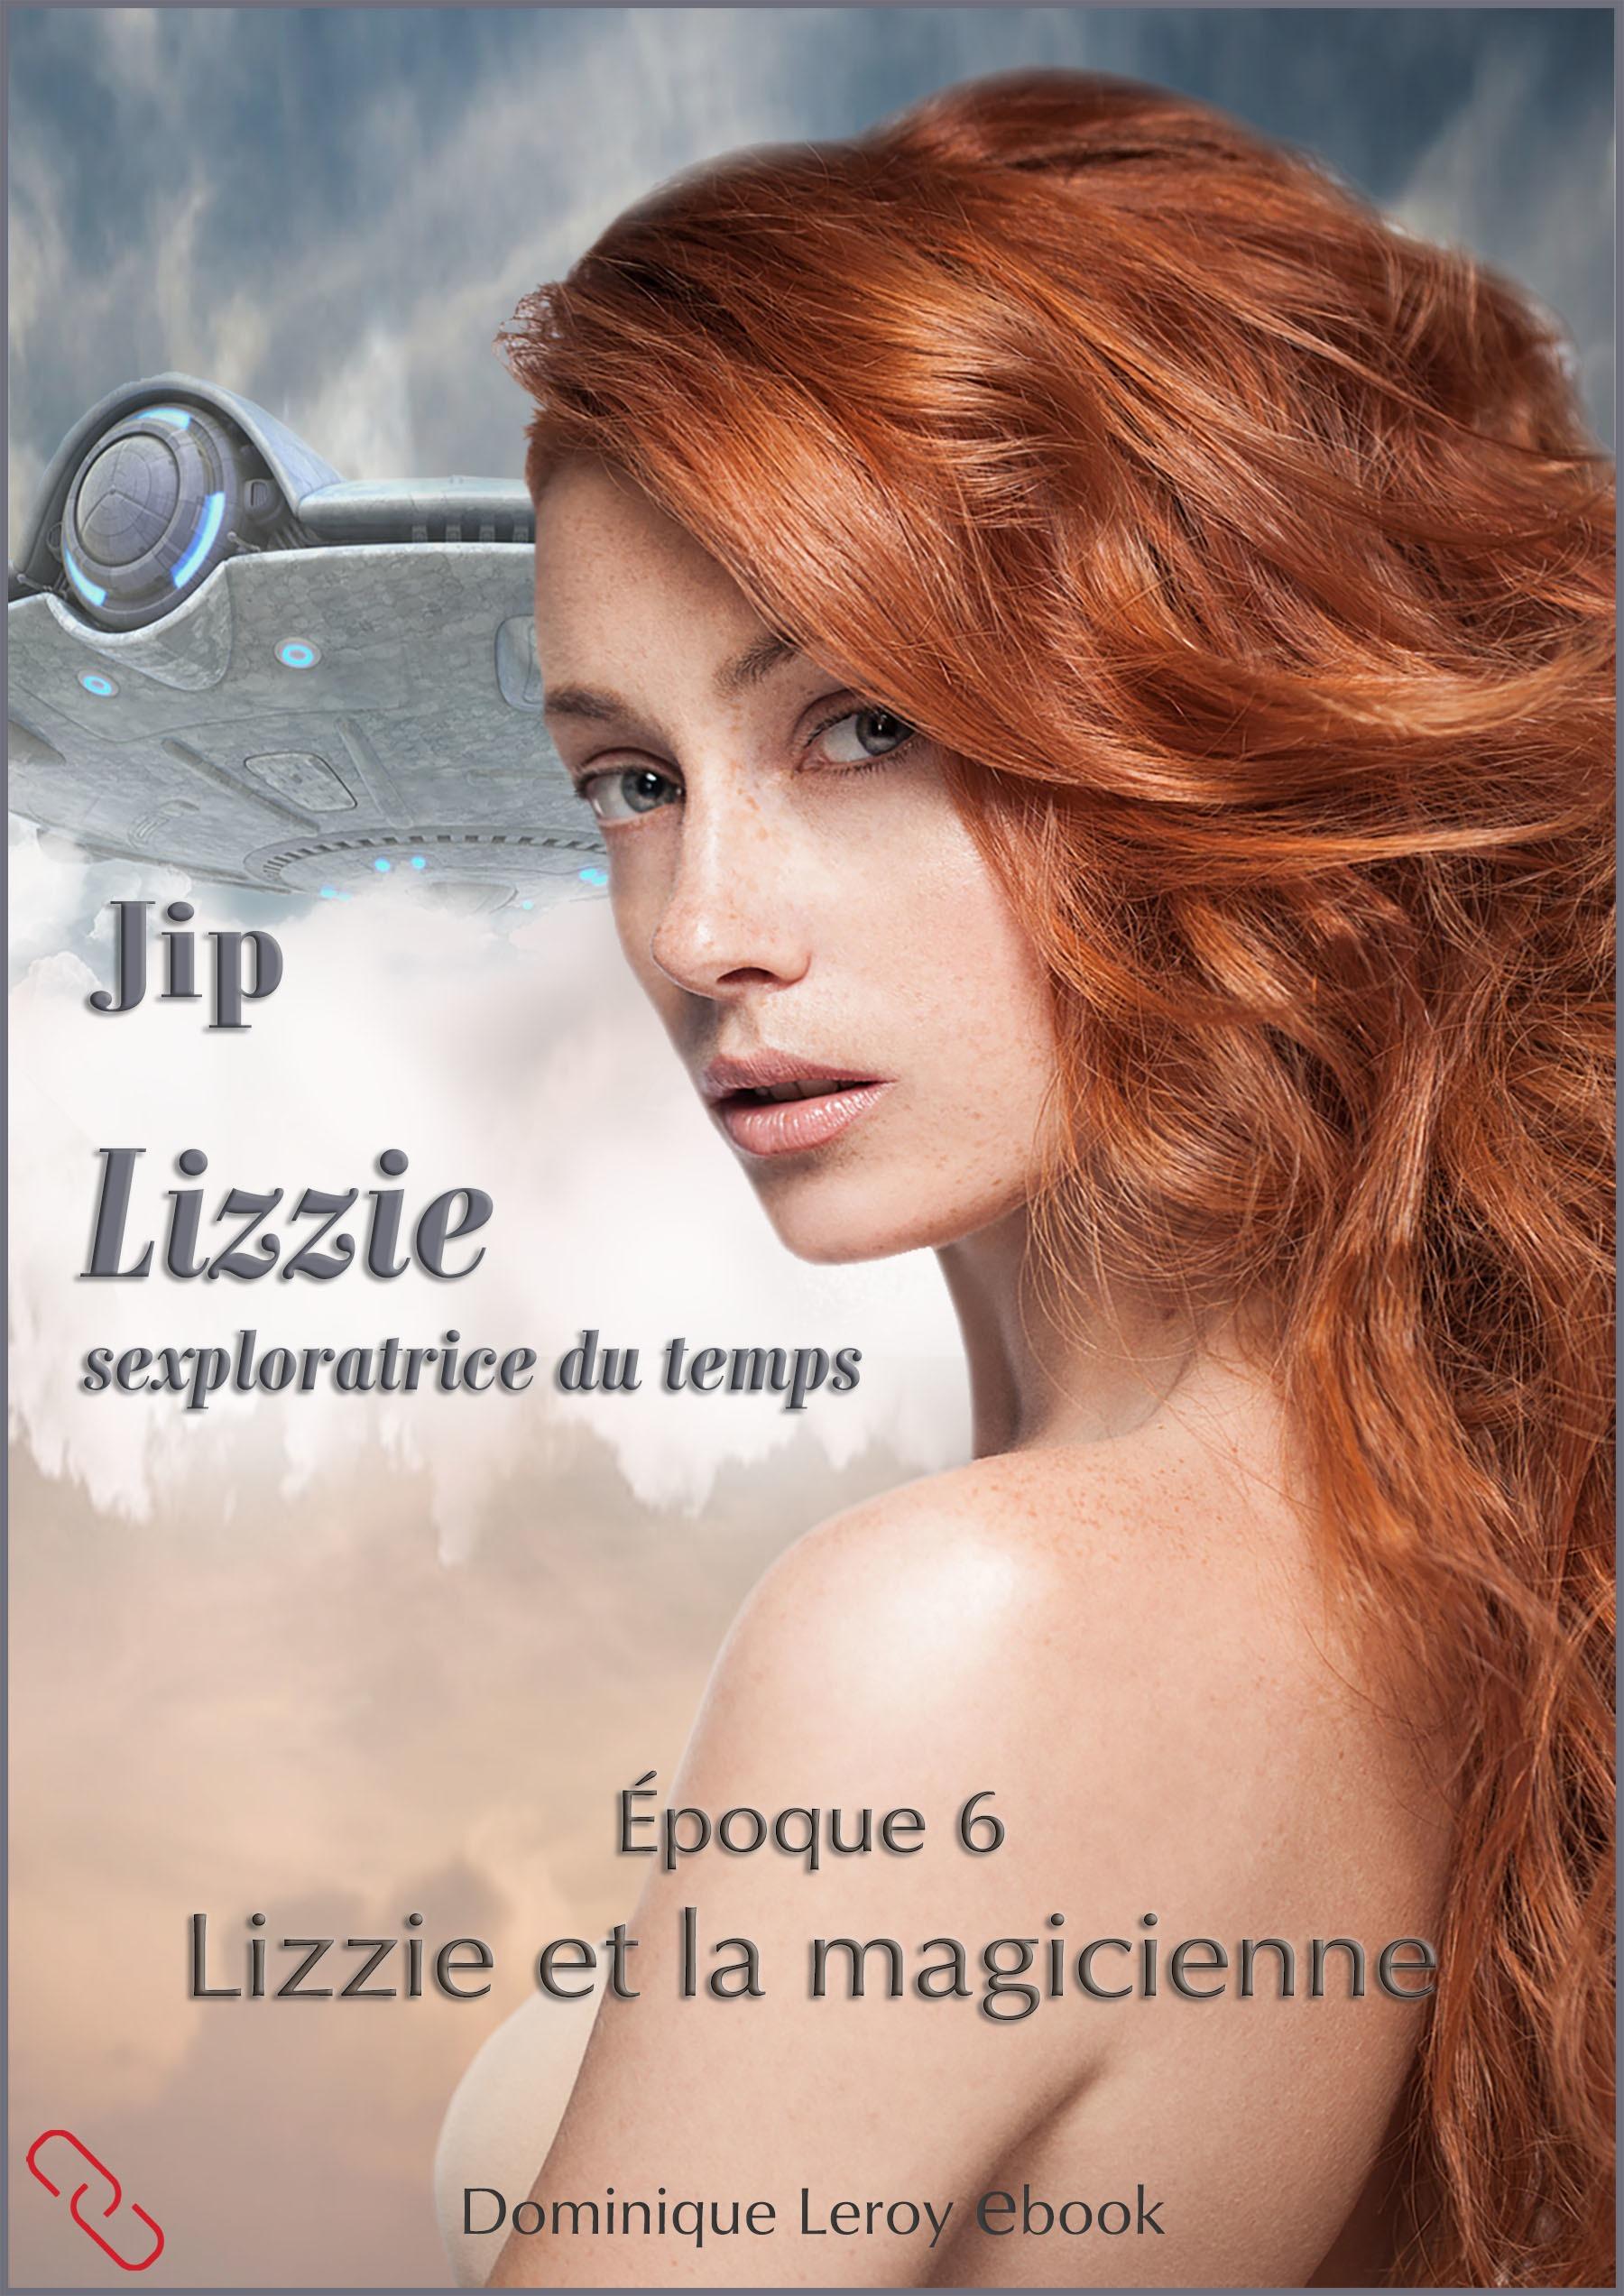 LIZZIE, époque 6 - Lizzie et la magicienne